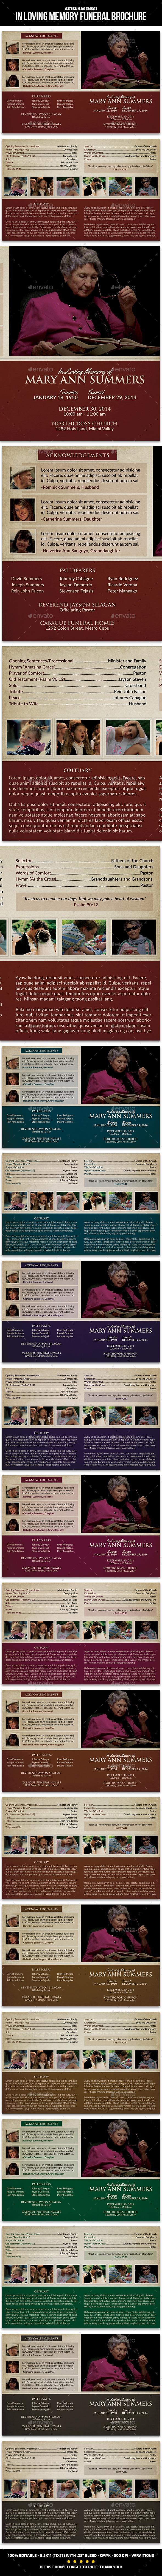 In Loving Memory Funeral Brochure - Informational Brochures